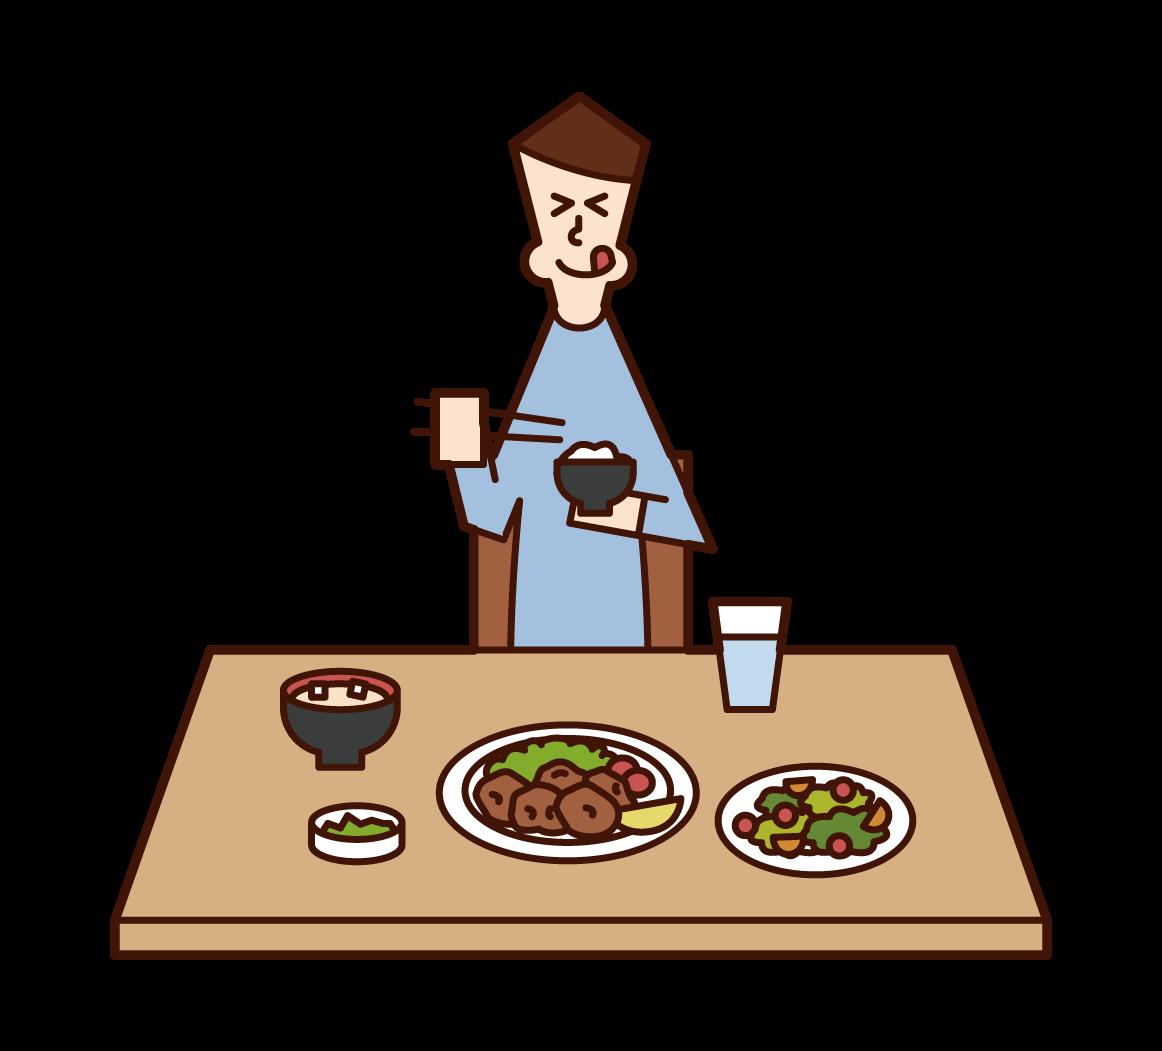 美味しそうに食事をする人(男性)のイラスト